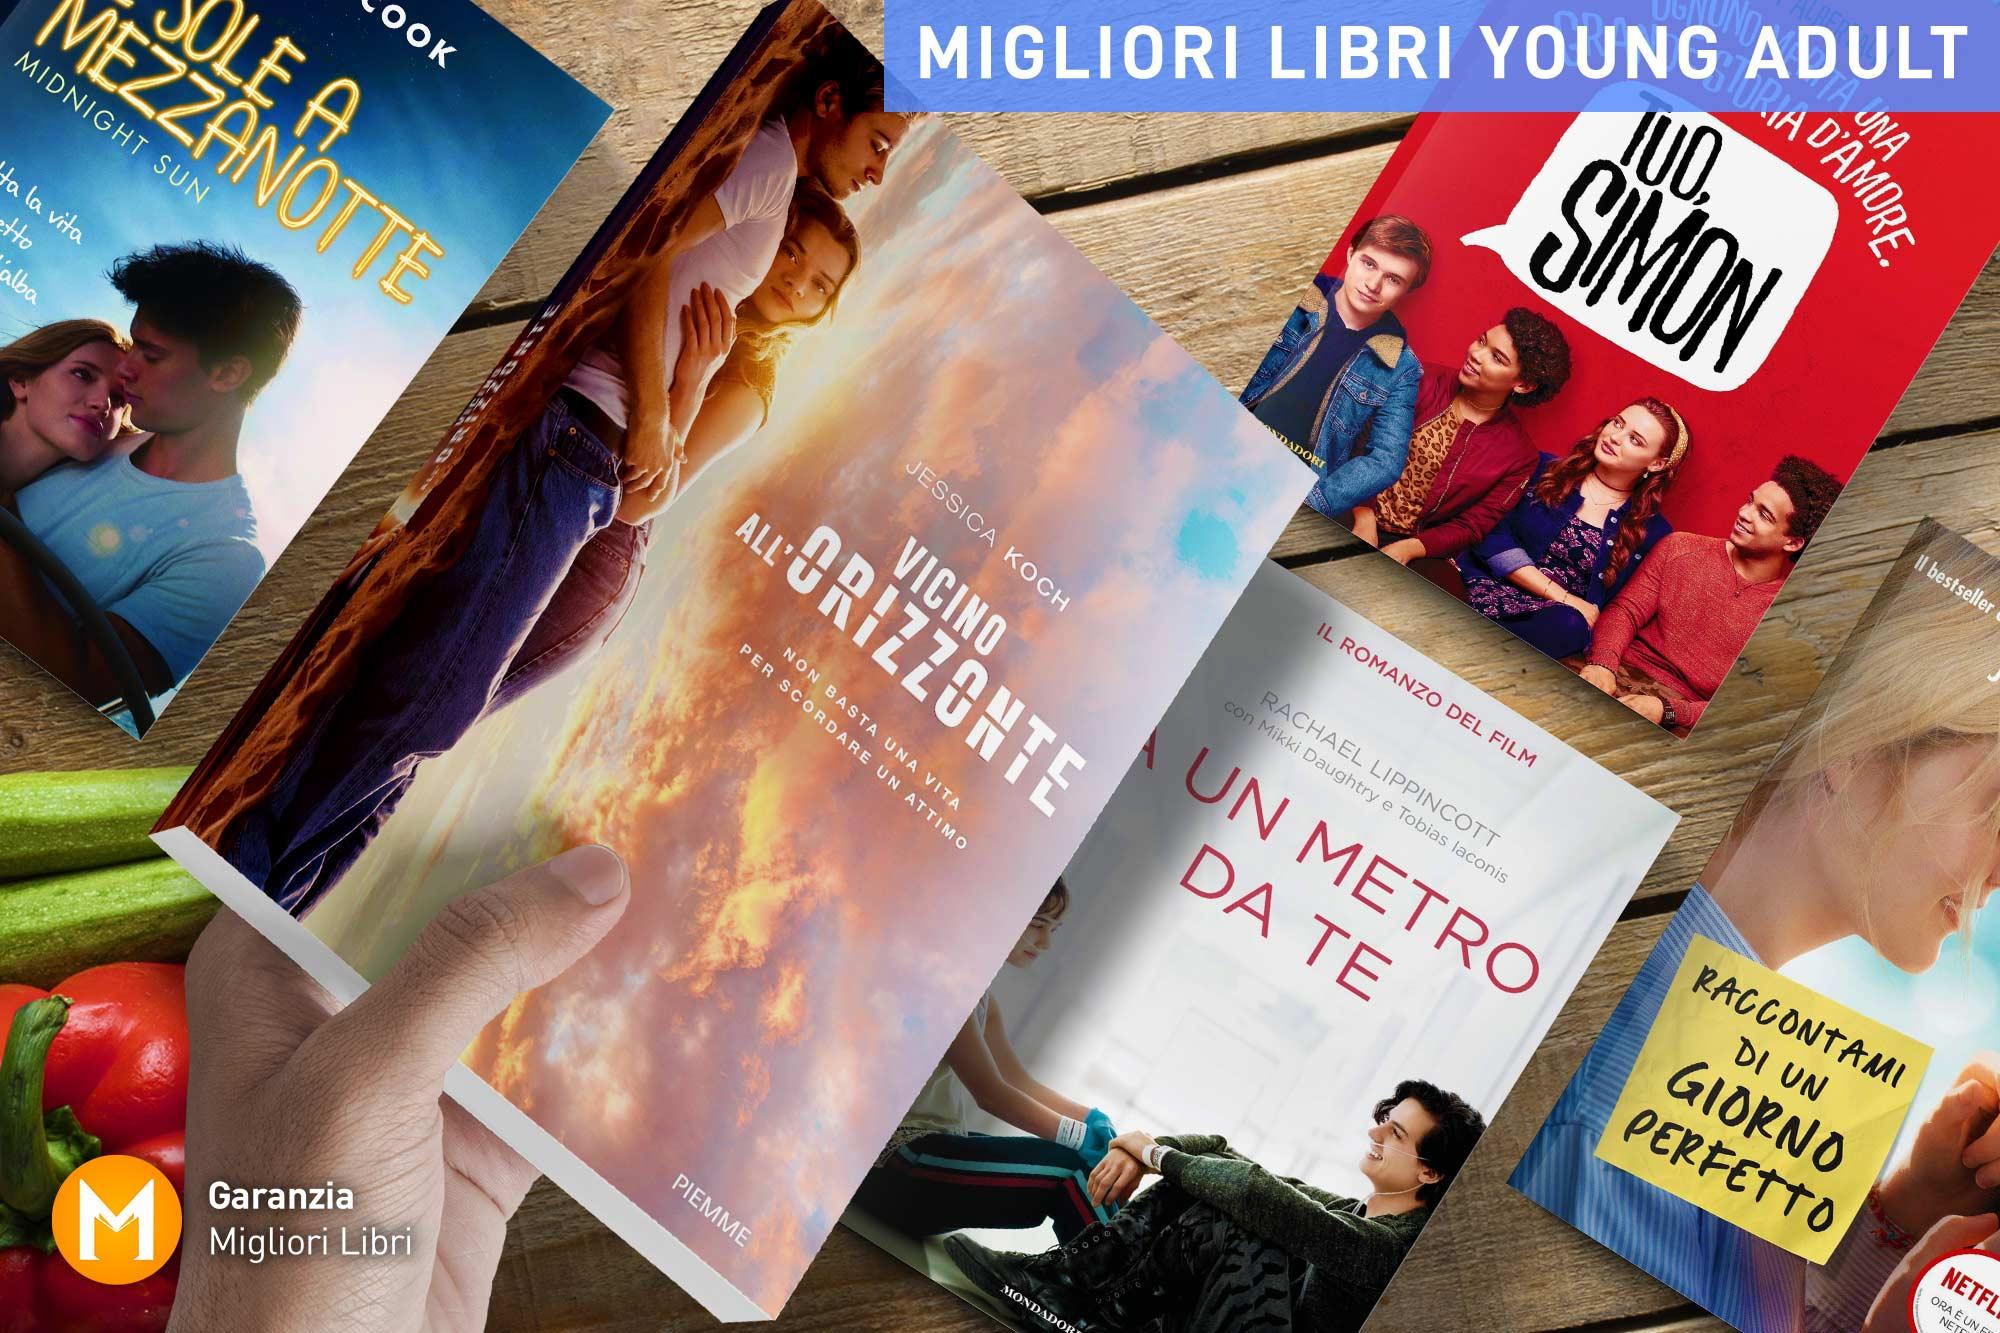 migliori-libri-young-adult